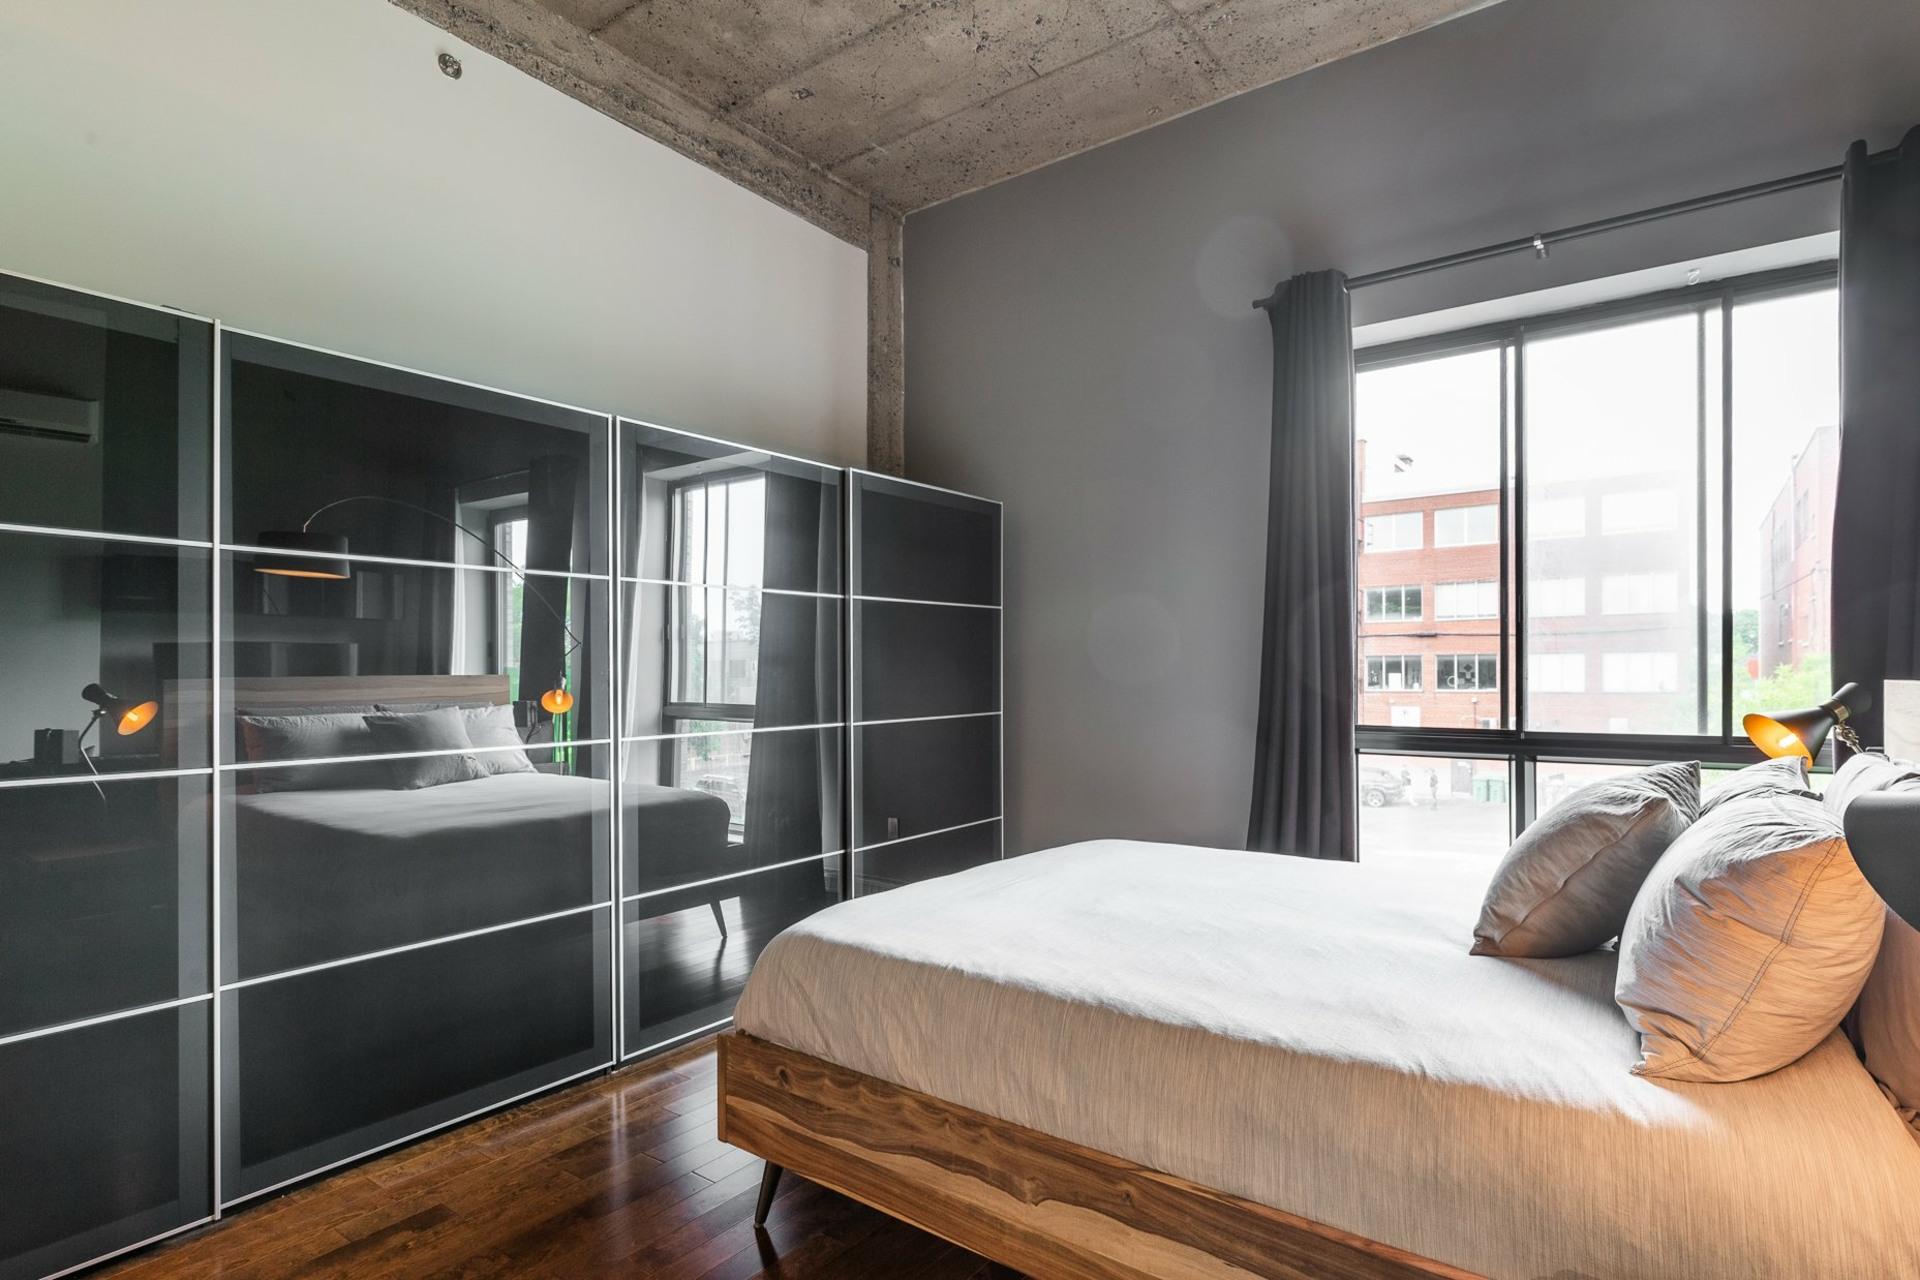 image 11 - Appartement À vendre Villeray/Saint-Michel/Parc-Extension Montréal  - 1 pièce